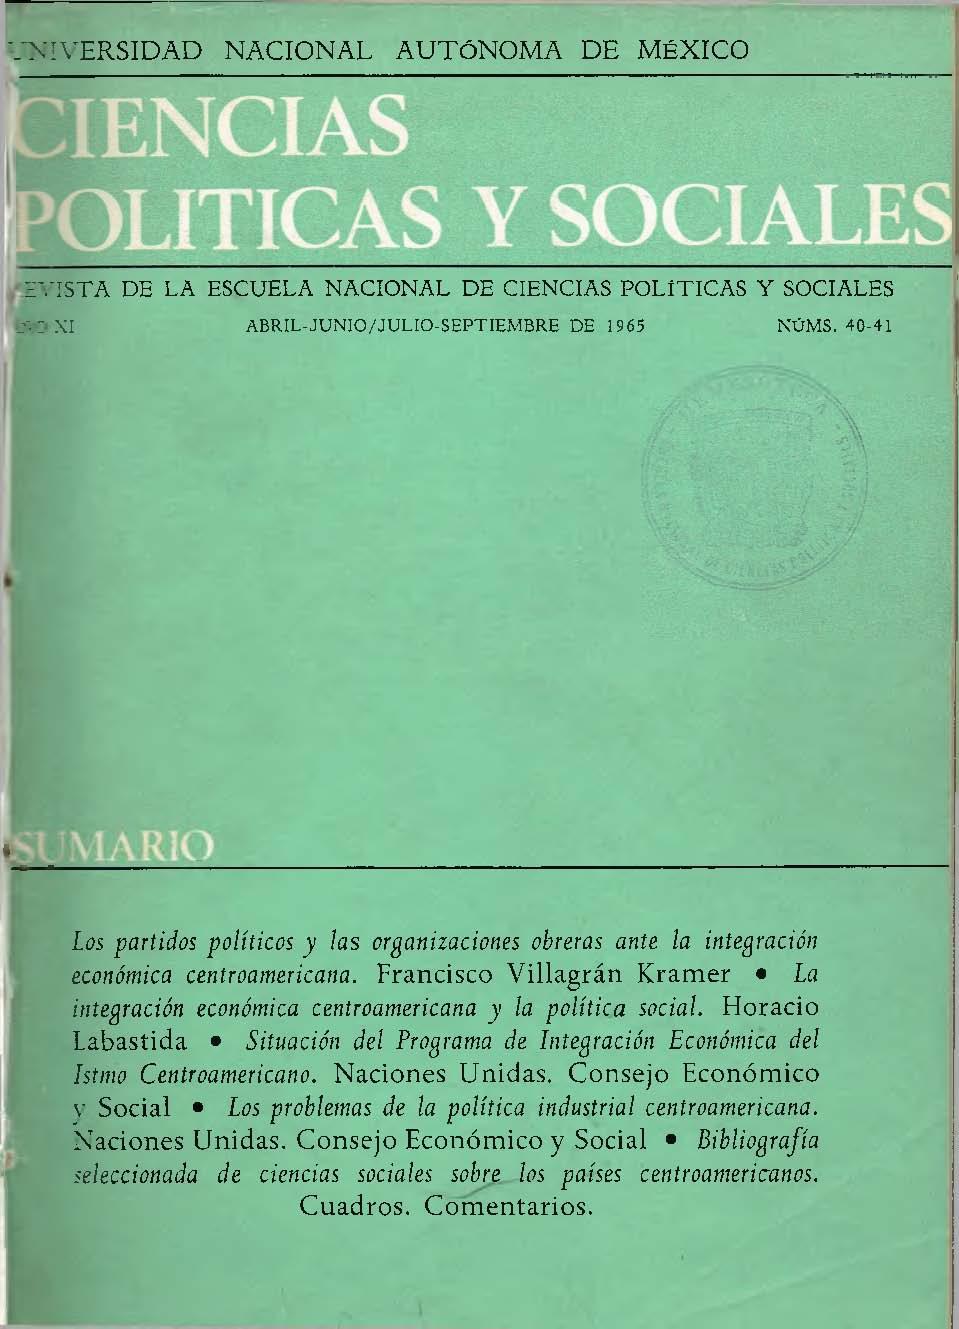 Los Partidos Politicos Y Las Organizaciones Obreras Ante La Integración Económica Centroamericana